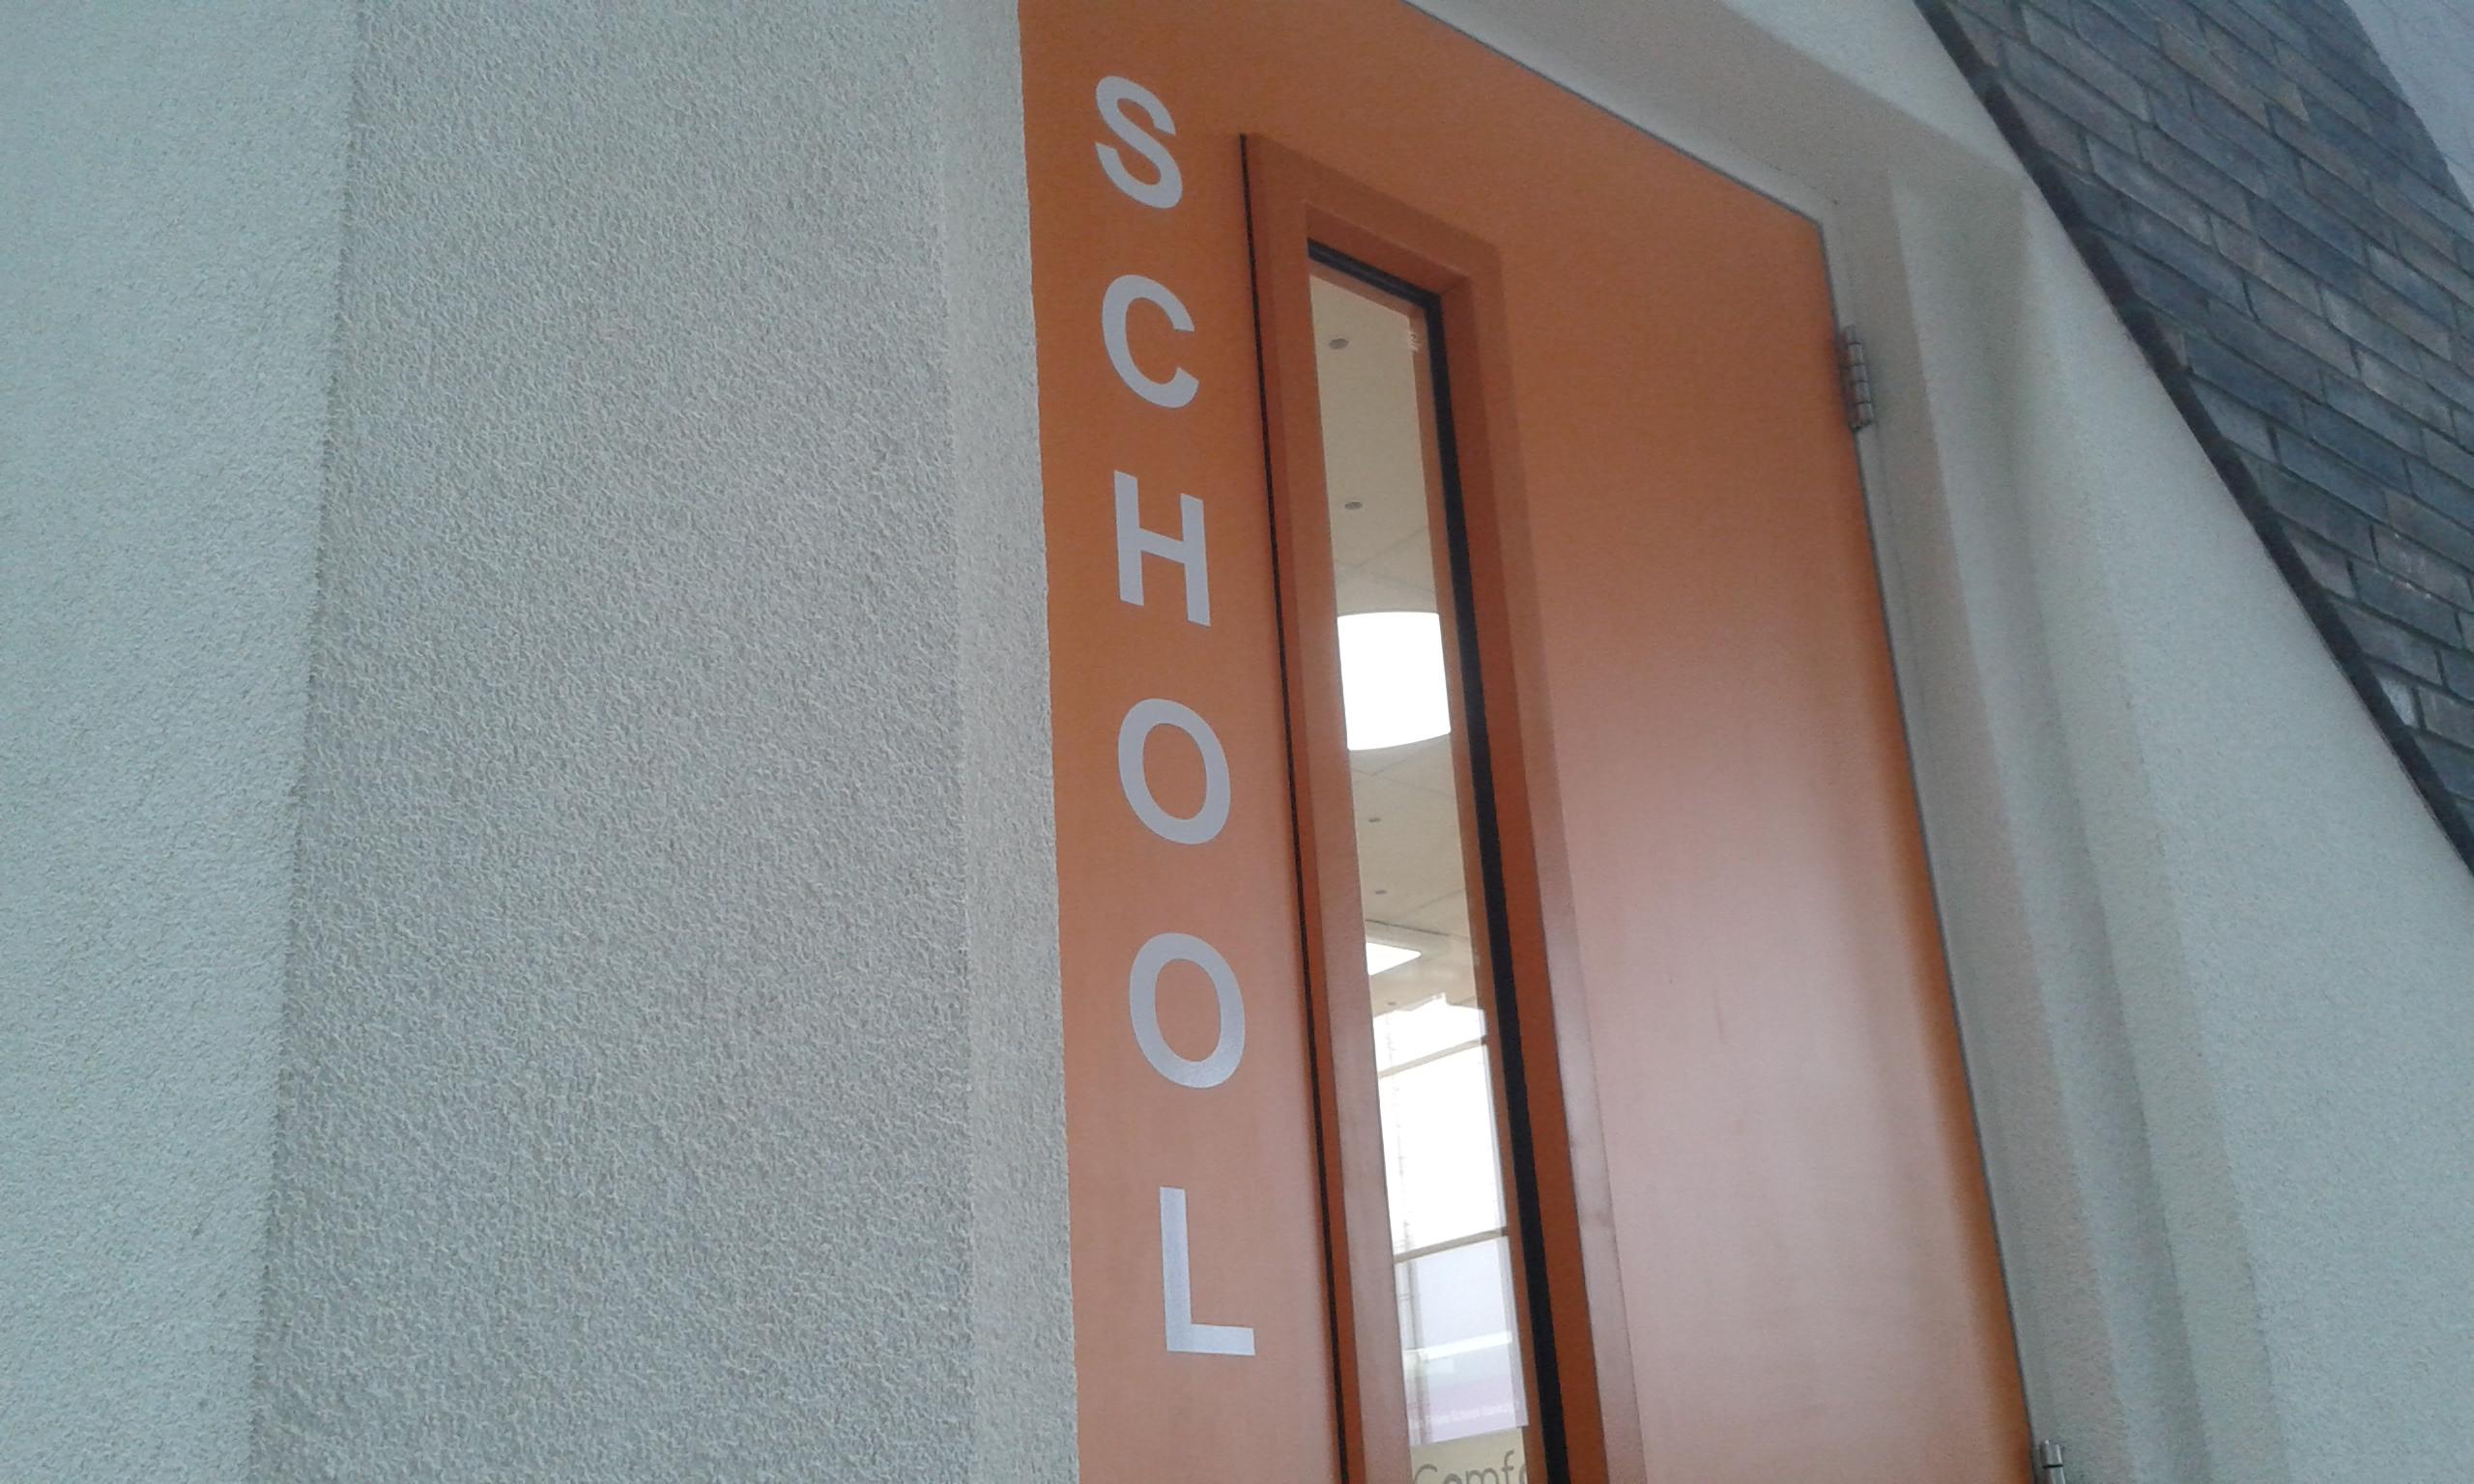 00 school